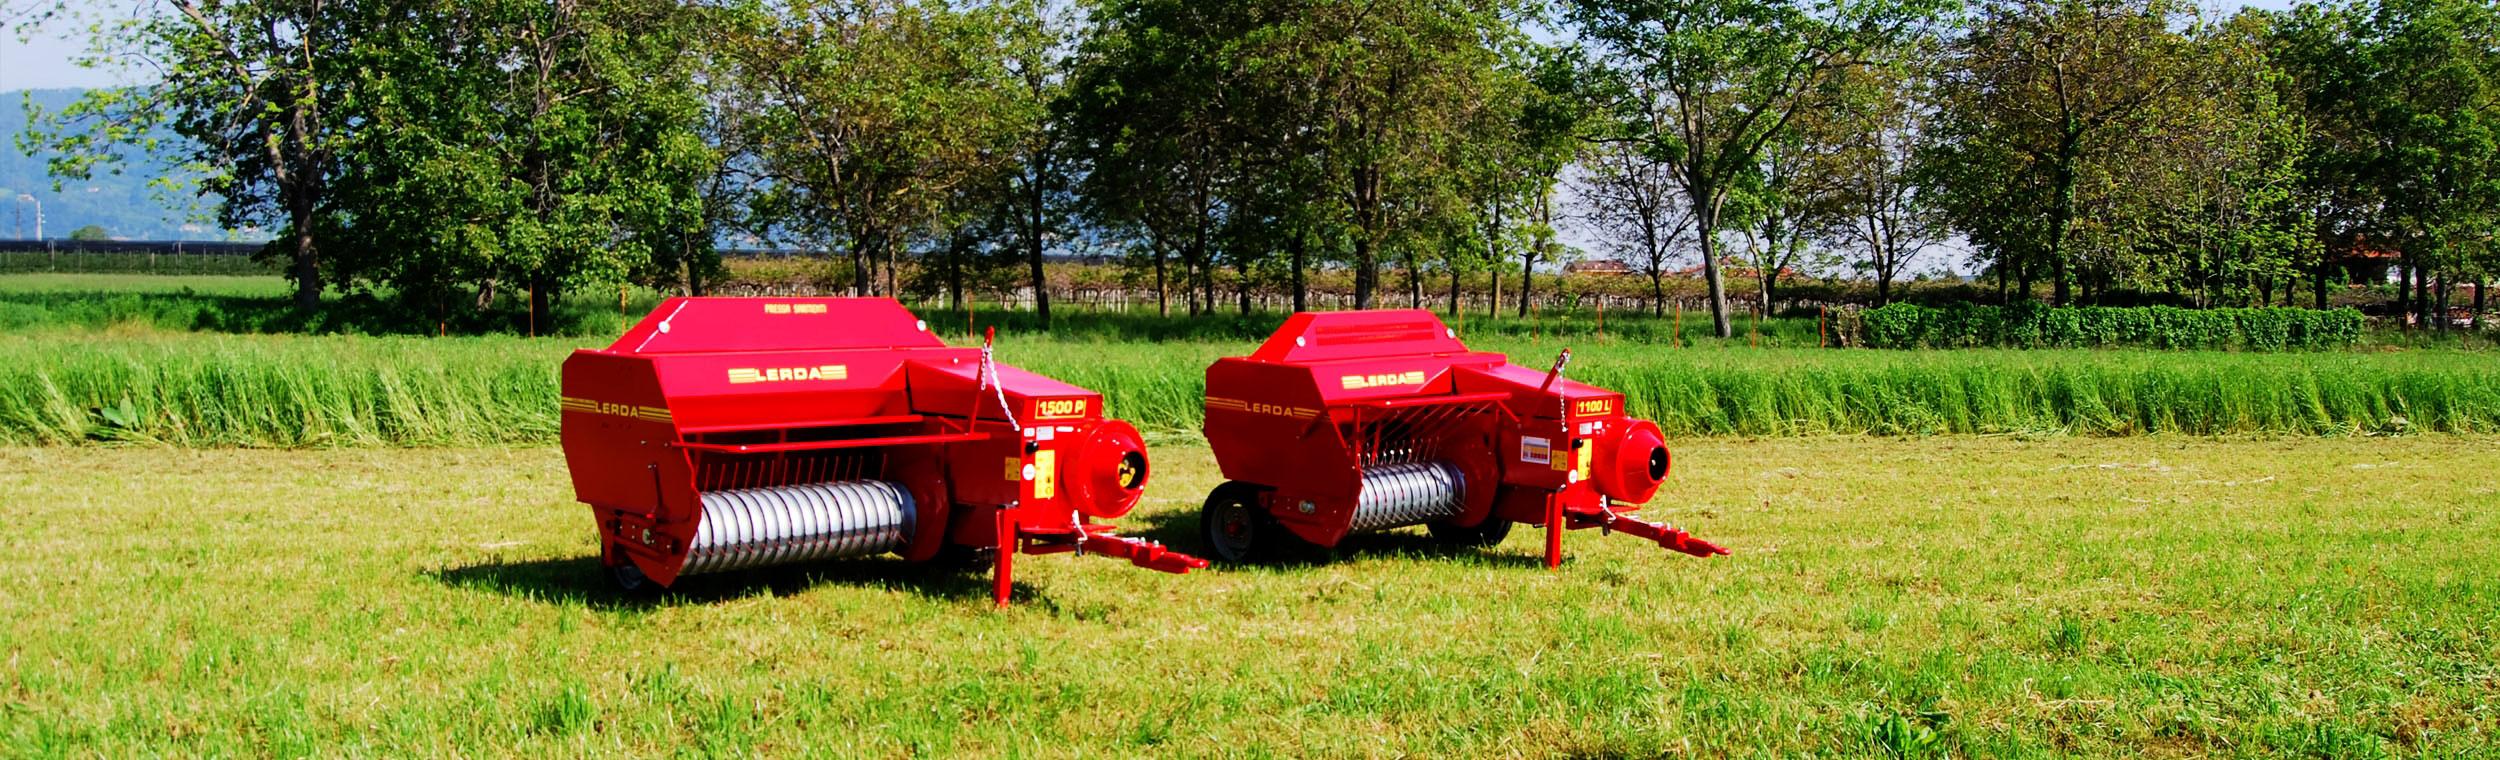 Macchine da fienagione usate e nuove in vendita - Agriaffaires